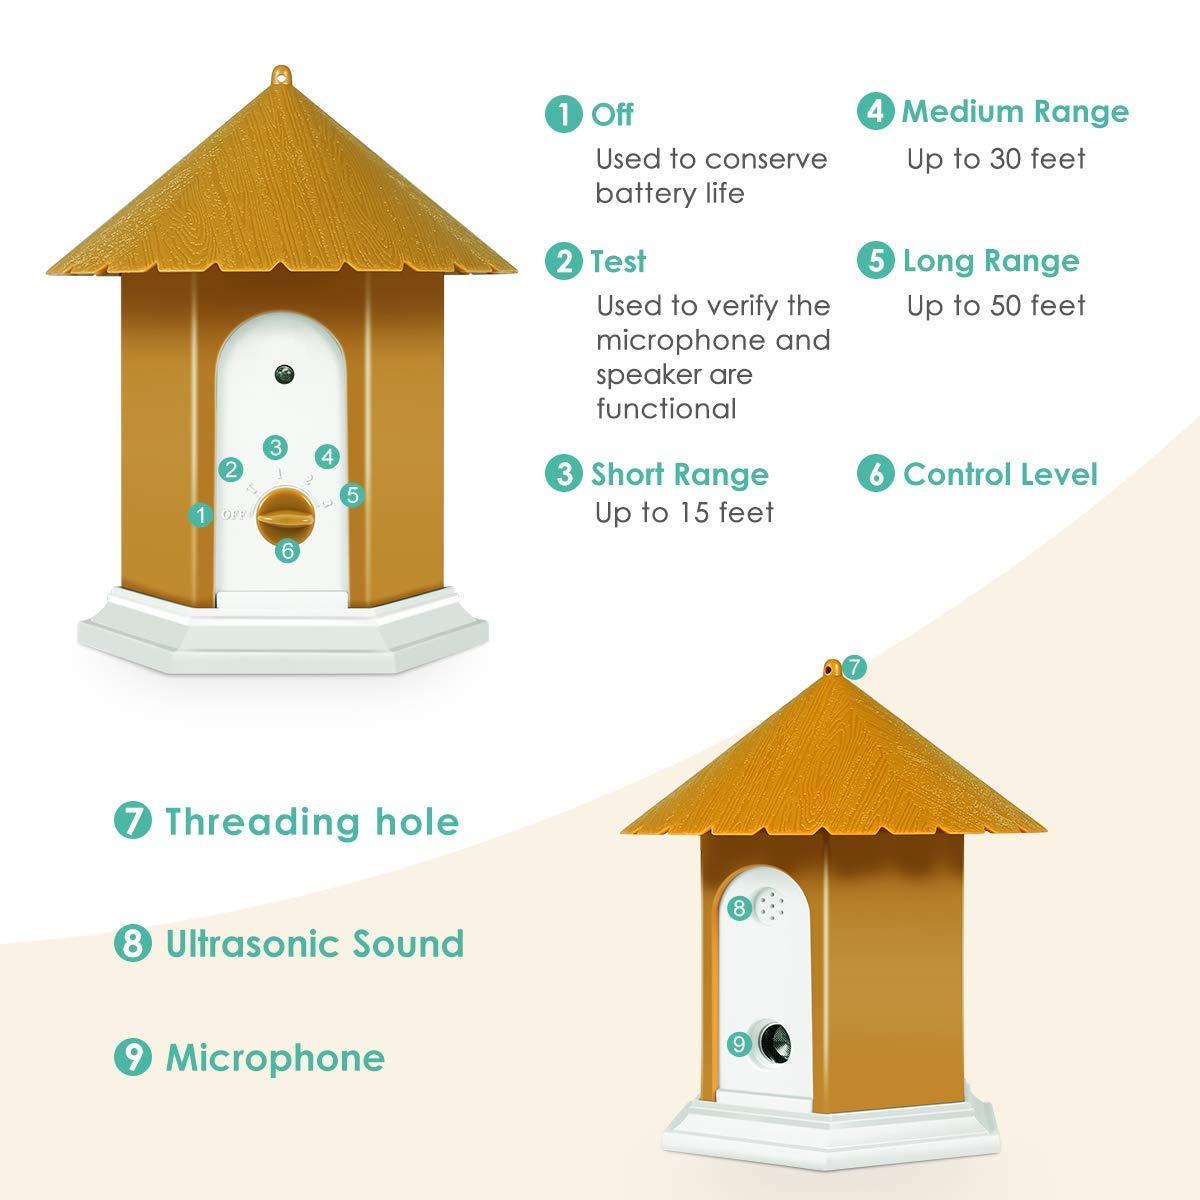 Dispositivo Anti Abbaio Ultrasuoni Cane Repellente Dispositivo Anti Abbaiare Antiabbaio per Cani Repeller Cane Corteccia Deterrente Senza Danni per Animali Domestici e Umani Y1001